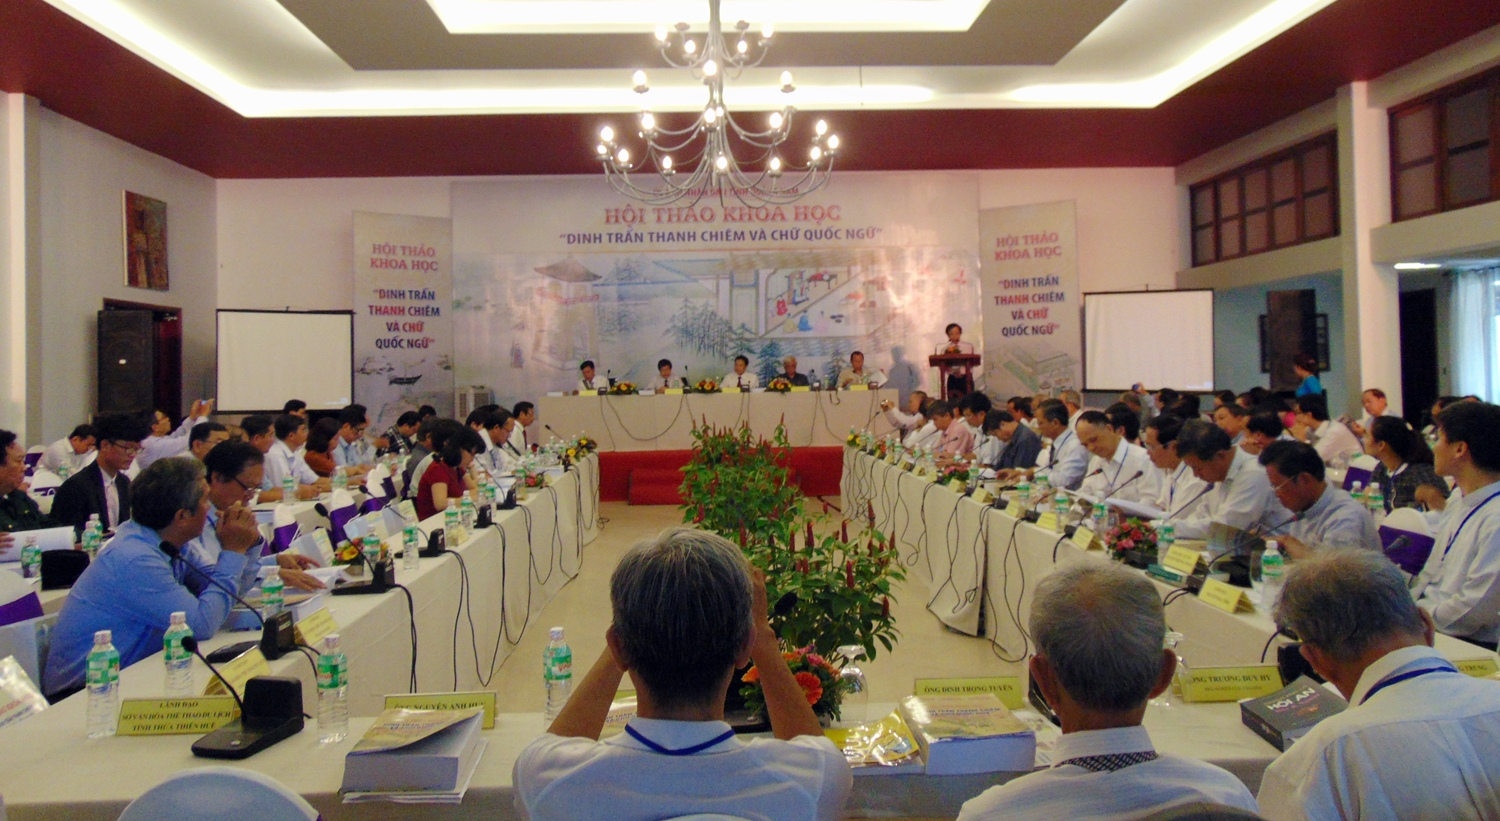 Séminaire sur la cité de Thanh Chiem et le Quoc ngu